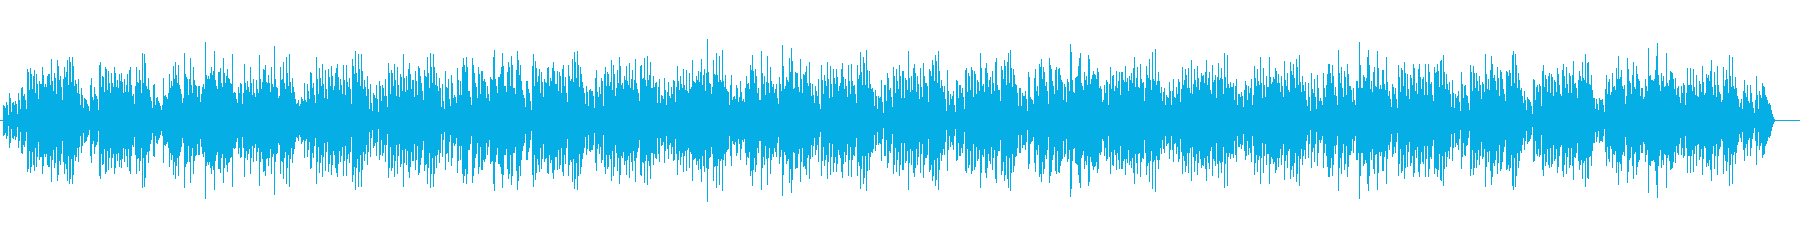 映像・CM・オープニング|爽やかなピアノの再生済みの波形